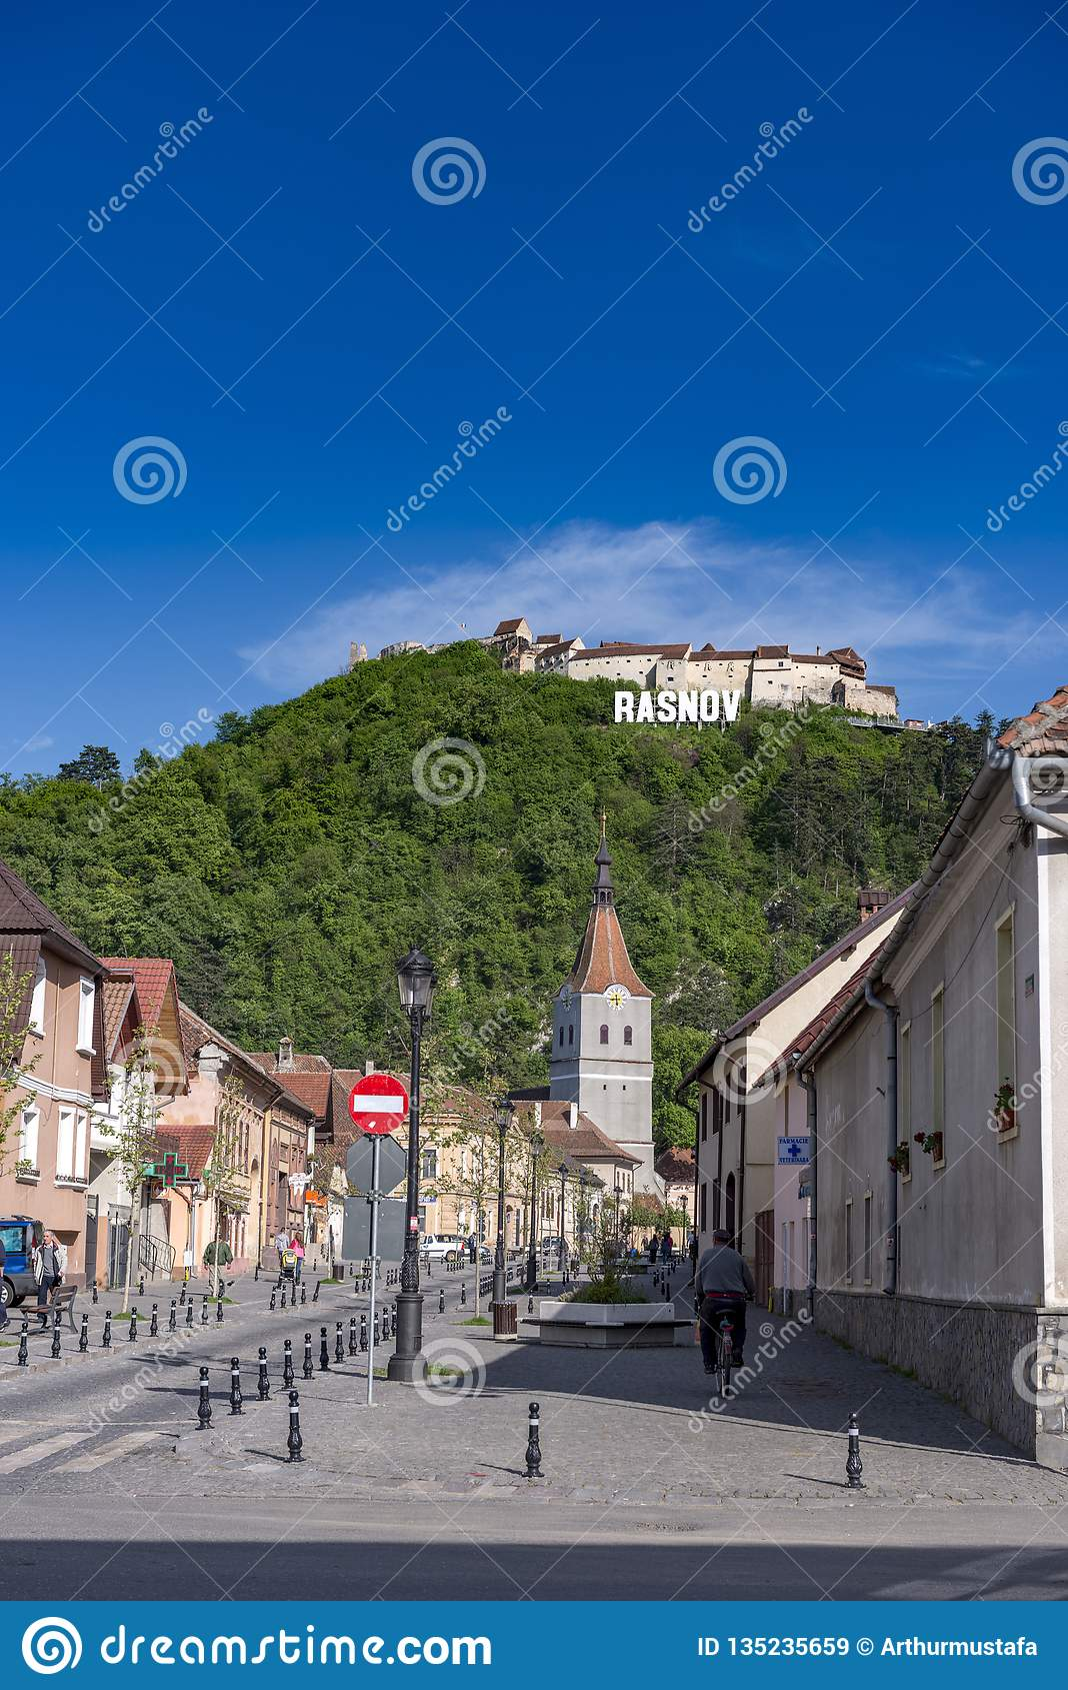 Rasnov, Rumania - mayo de 2017: Vista del mainstreet de la ciudad de Rasnov (condado de Brasov (Rumania), con la colina del Rasno